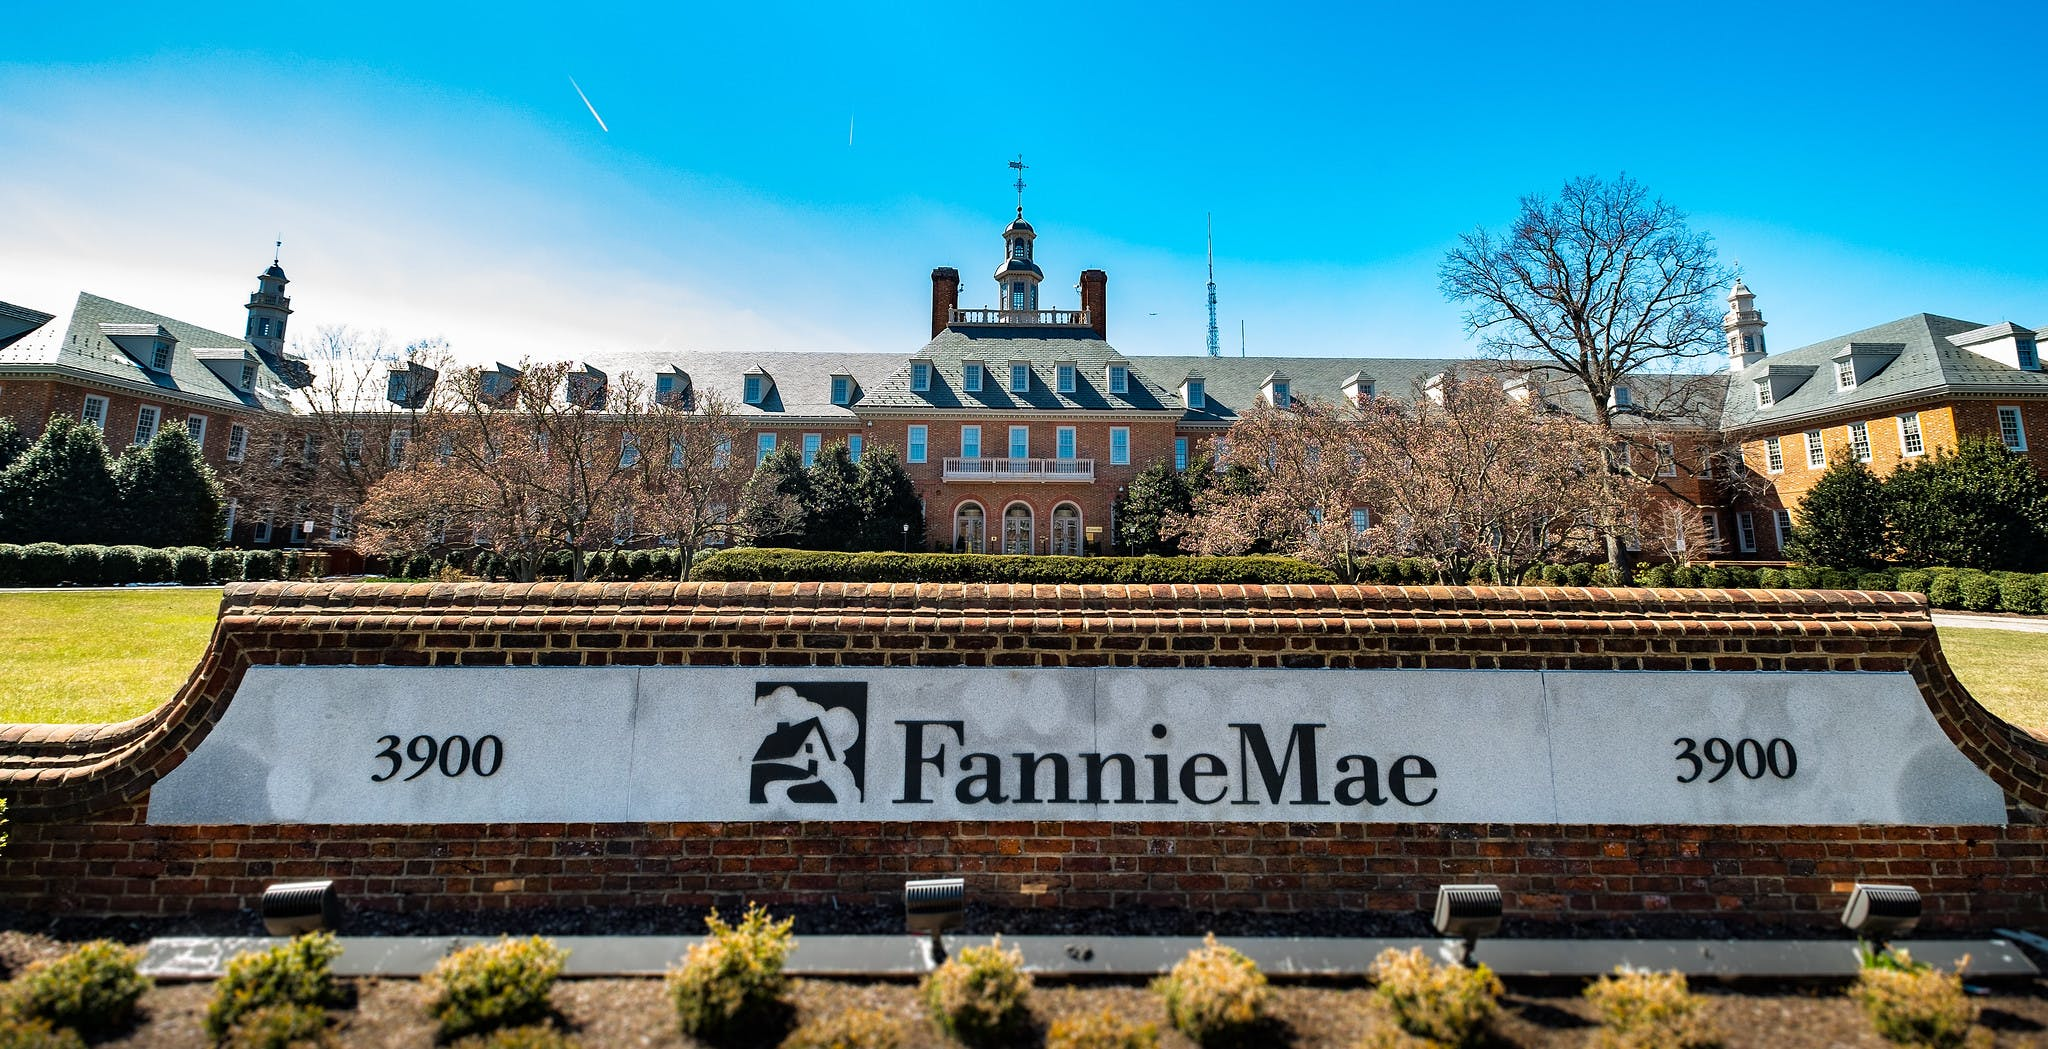 Fannie Mae News